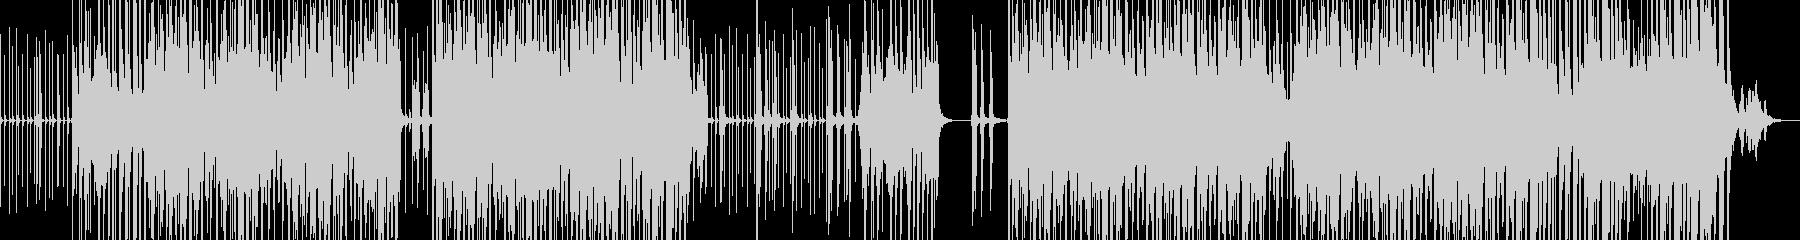 サラサラ ジャズ 壮大 バンド 振...の未再生の波形